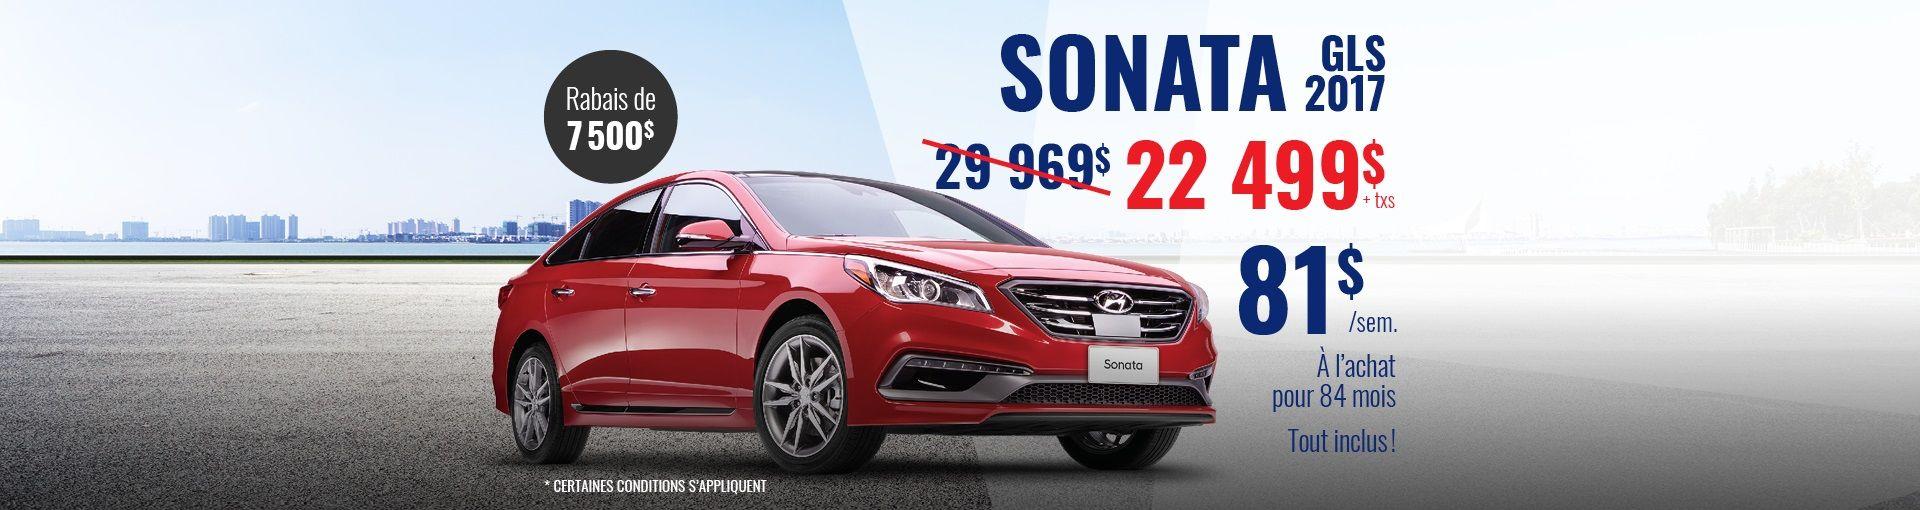 Sonata GLS 2017 Promo Hyundai Casavant St-Hyacinthe (Copie)